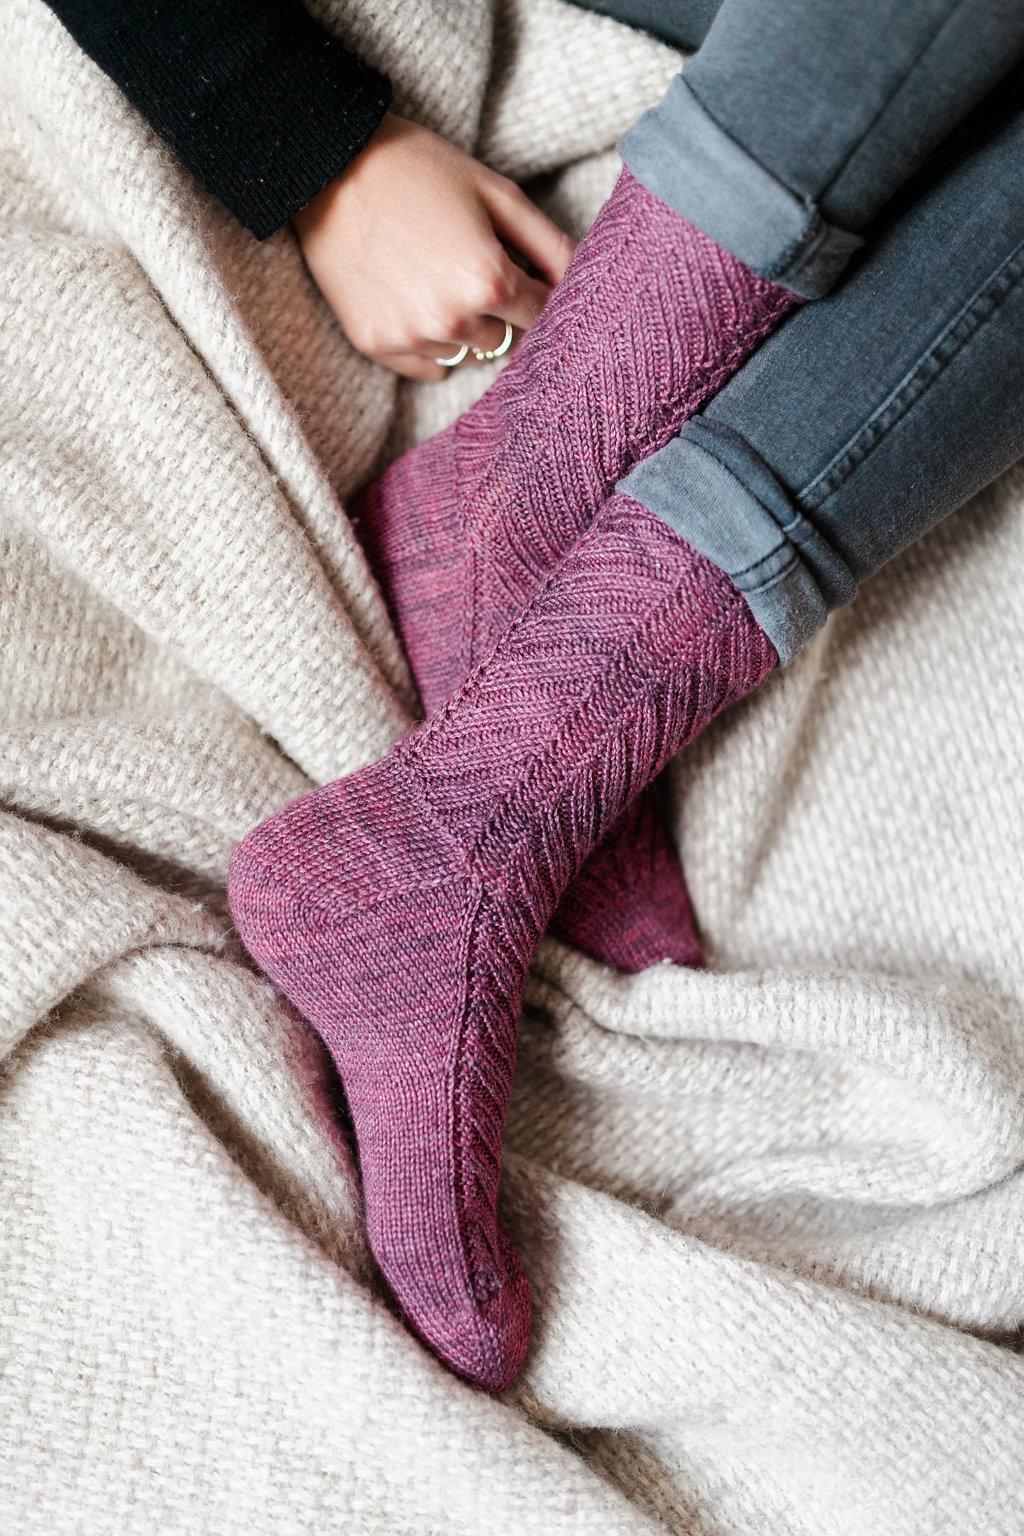 180113-socks-64.jpg